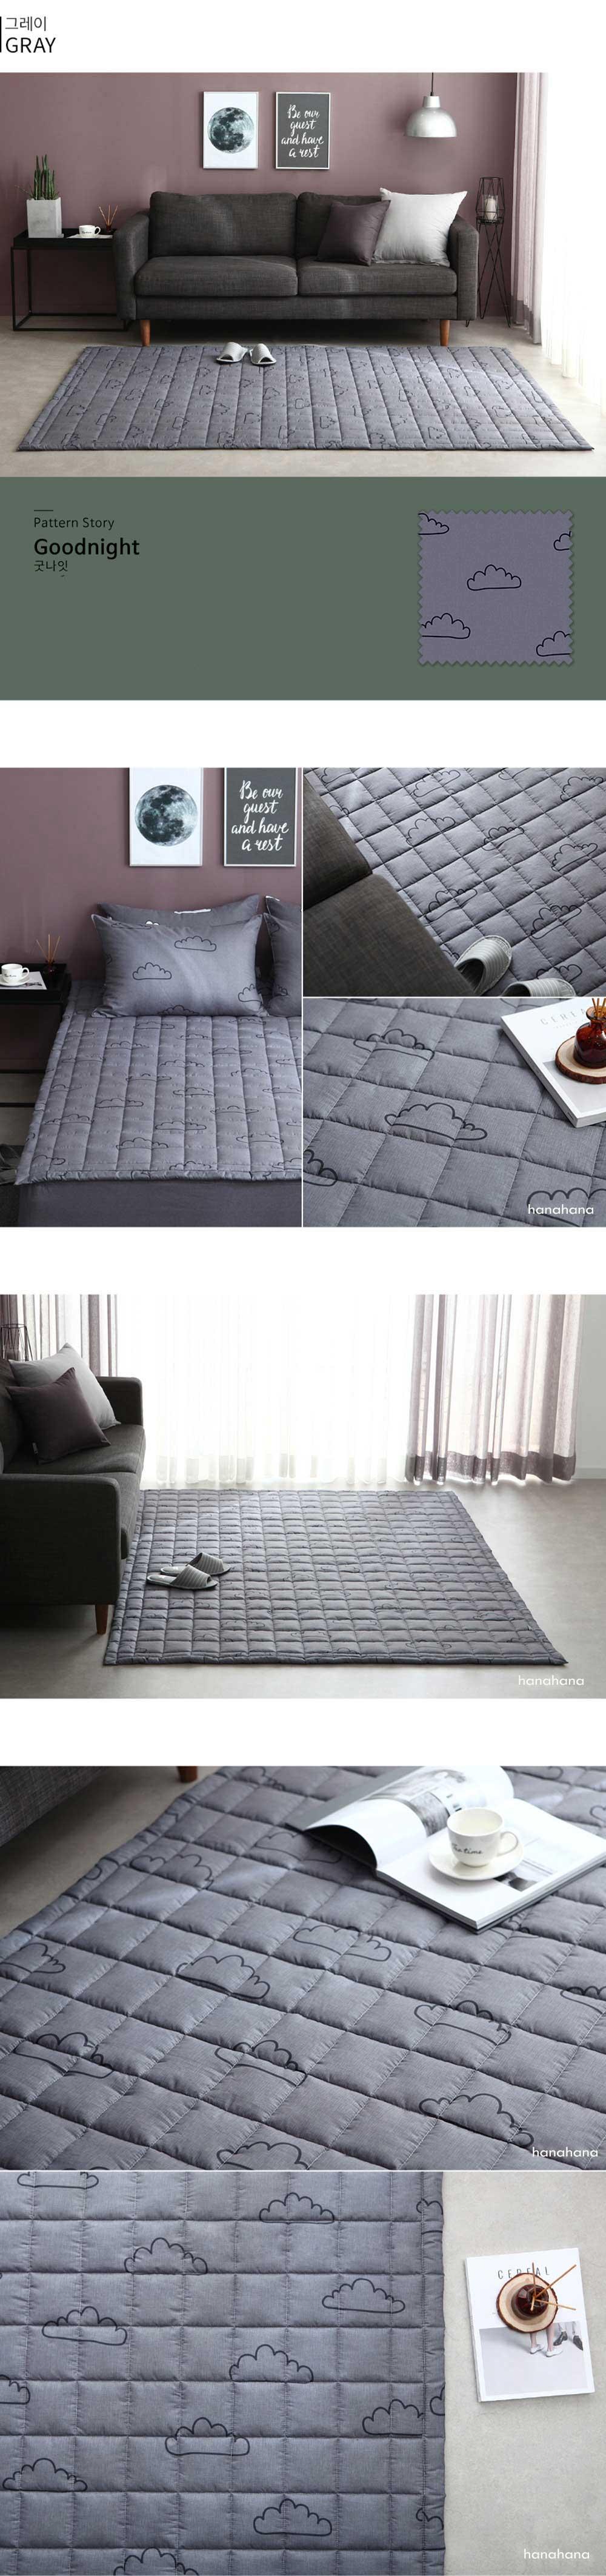 Tấm trải sàn ngủ cao cấp chống đau lưng